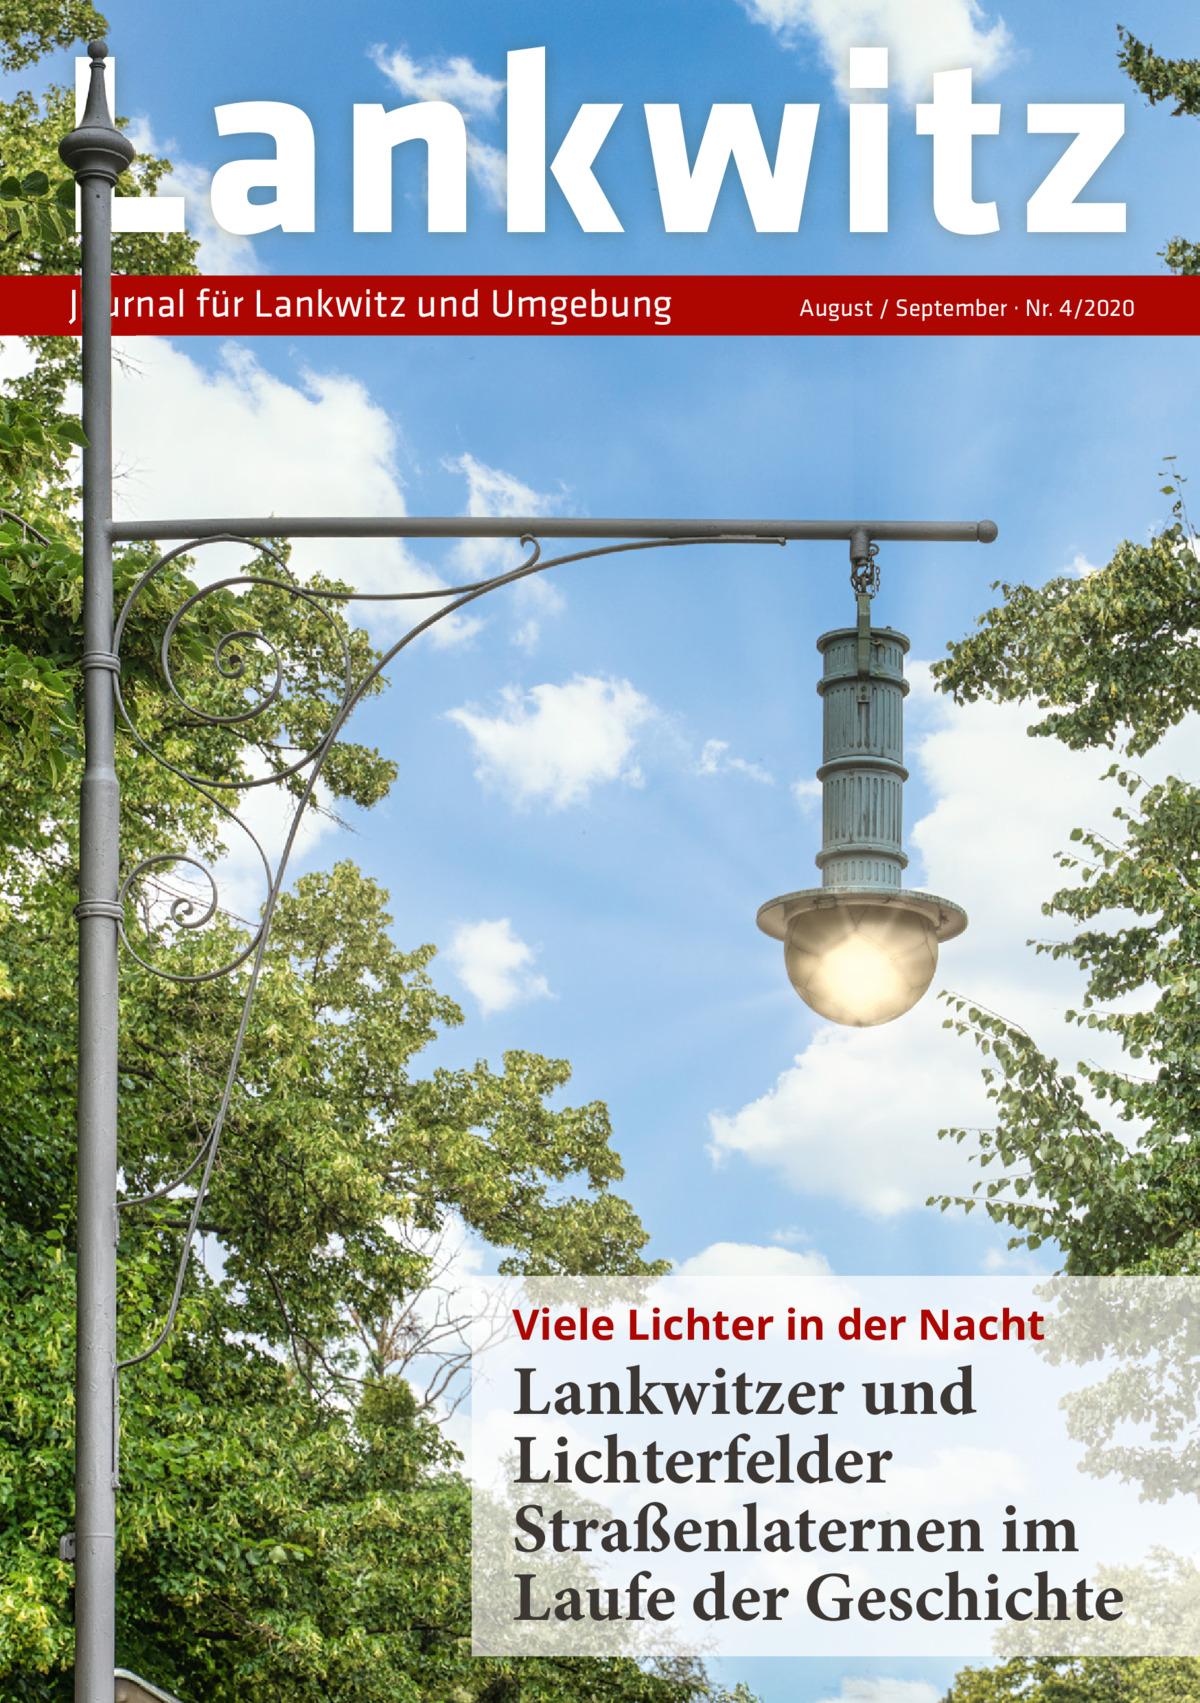 Lankwitz Journal für Lankwitz und Umgebung  August / September · Nr. 4/2020  Viele Lichter in der Nacht  Lankwitzer und Lichterfelder Straßenlaternen im Laufe der Geschichte